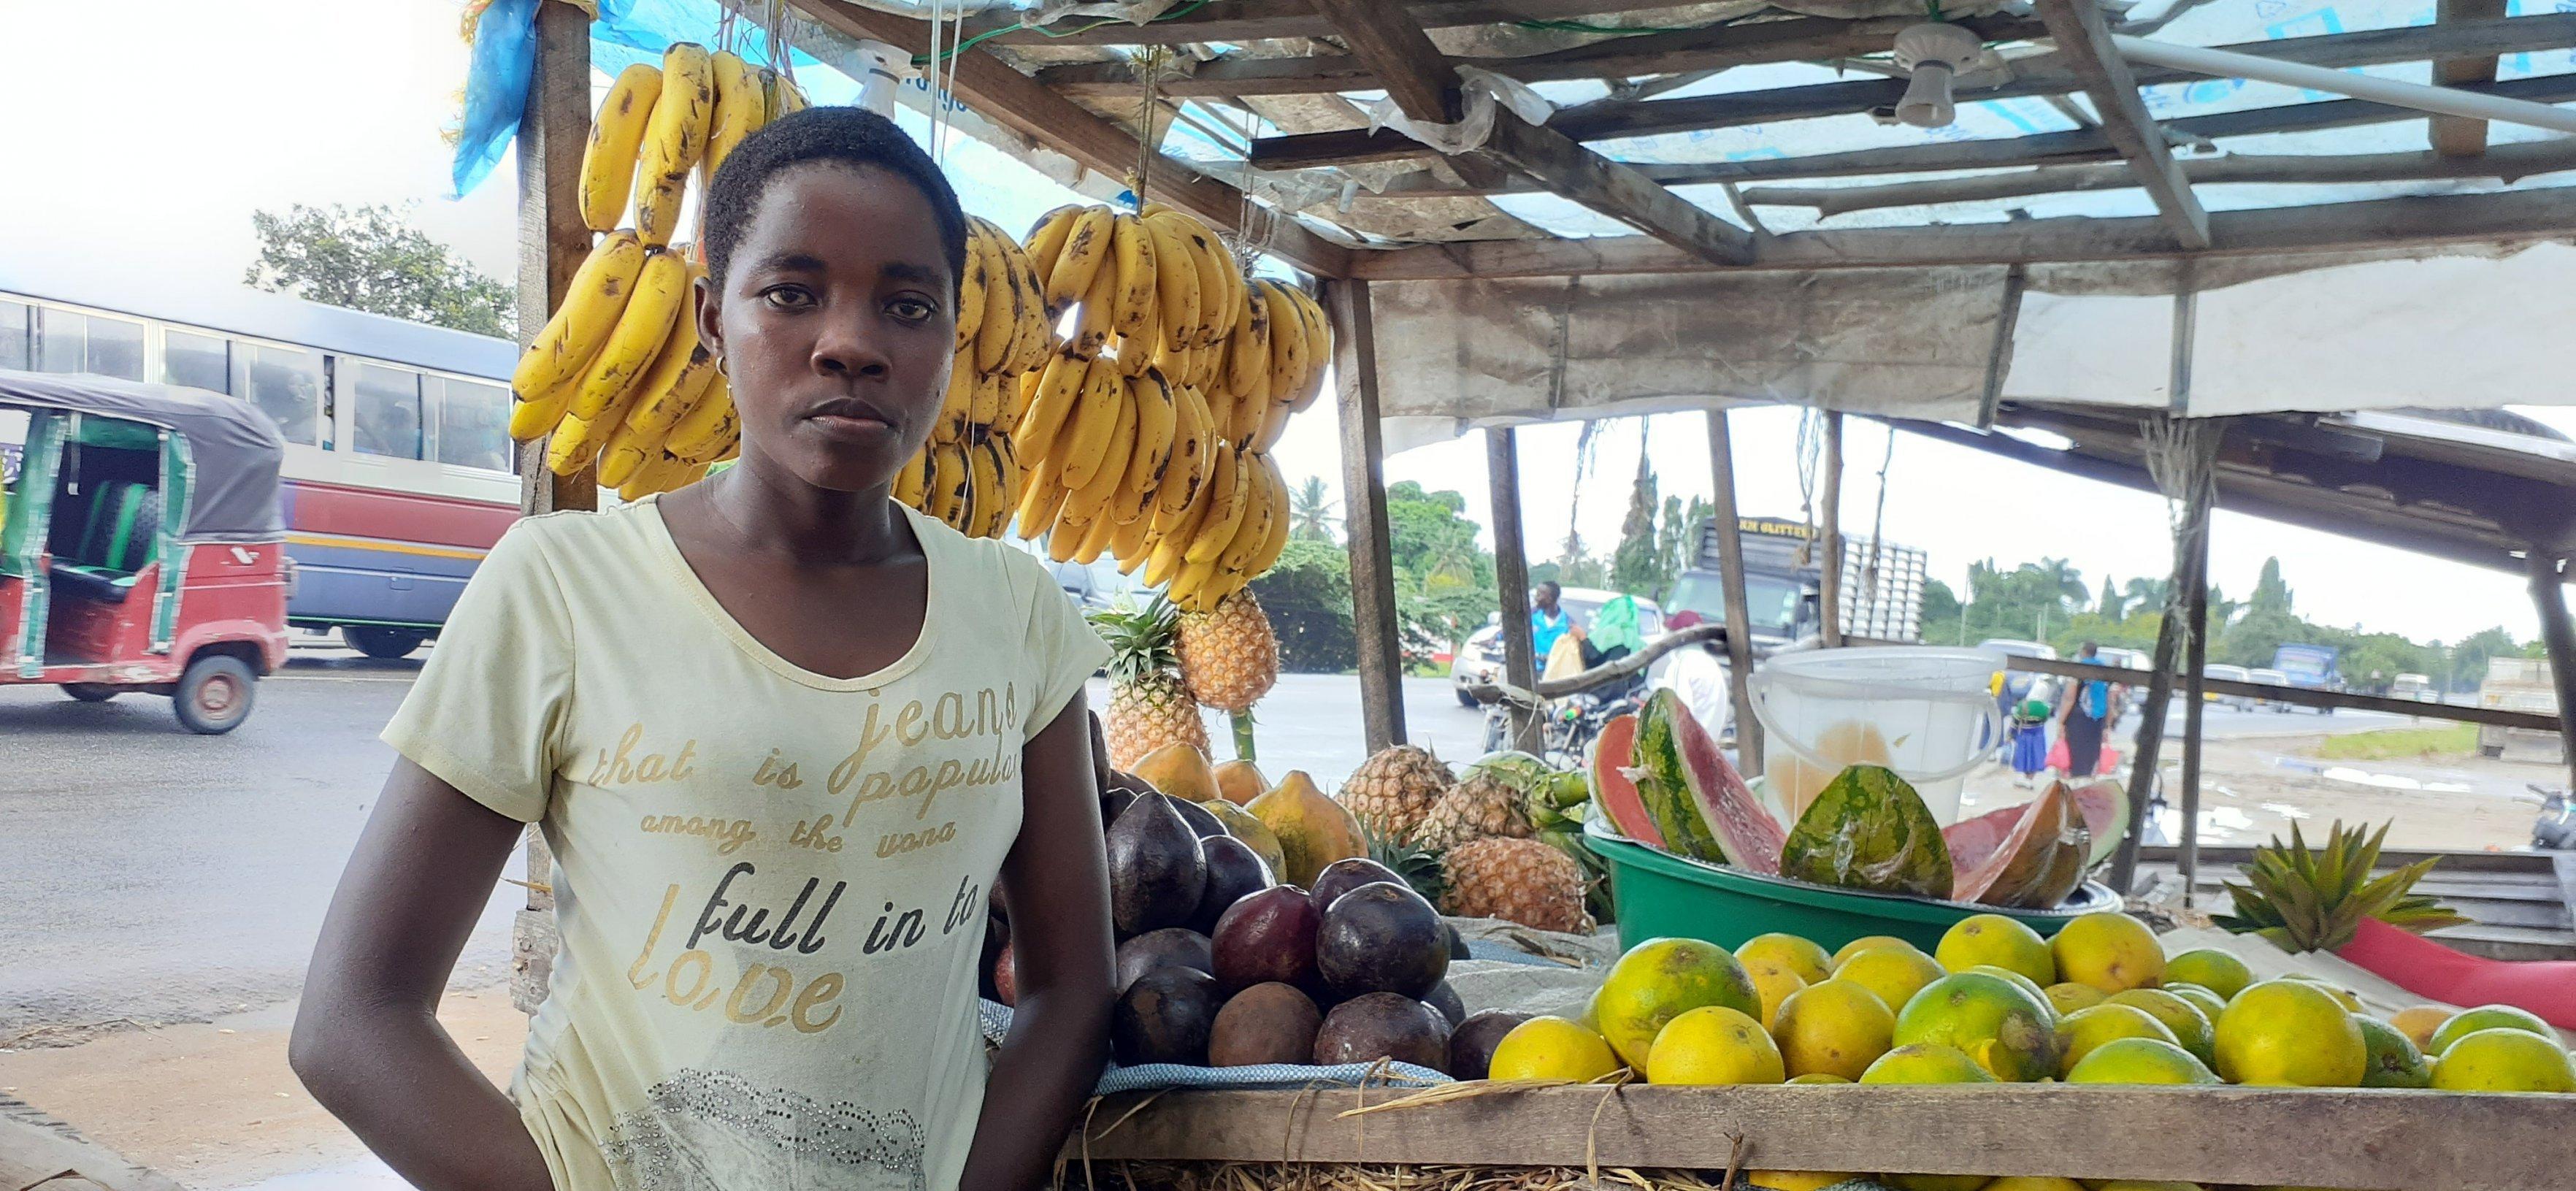 Eine junge Frau steht vor ihrem Marktstand. Bananen, Ananas, Papaya und Avocados sind sorgfältig angeordnet.